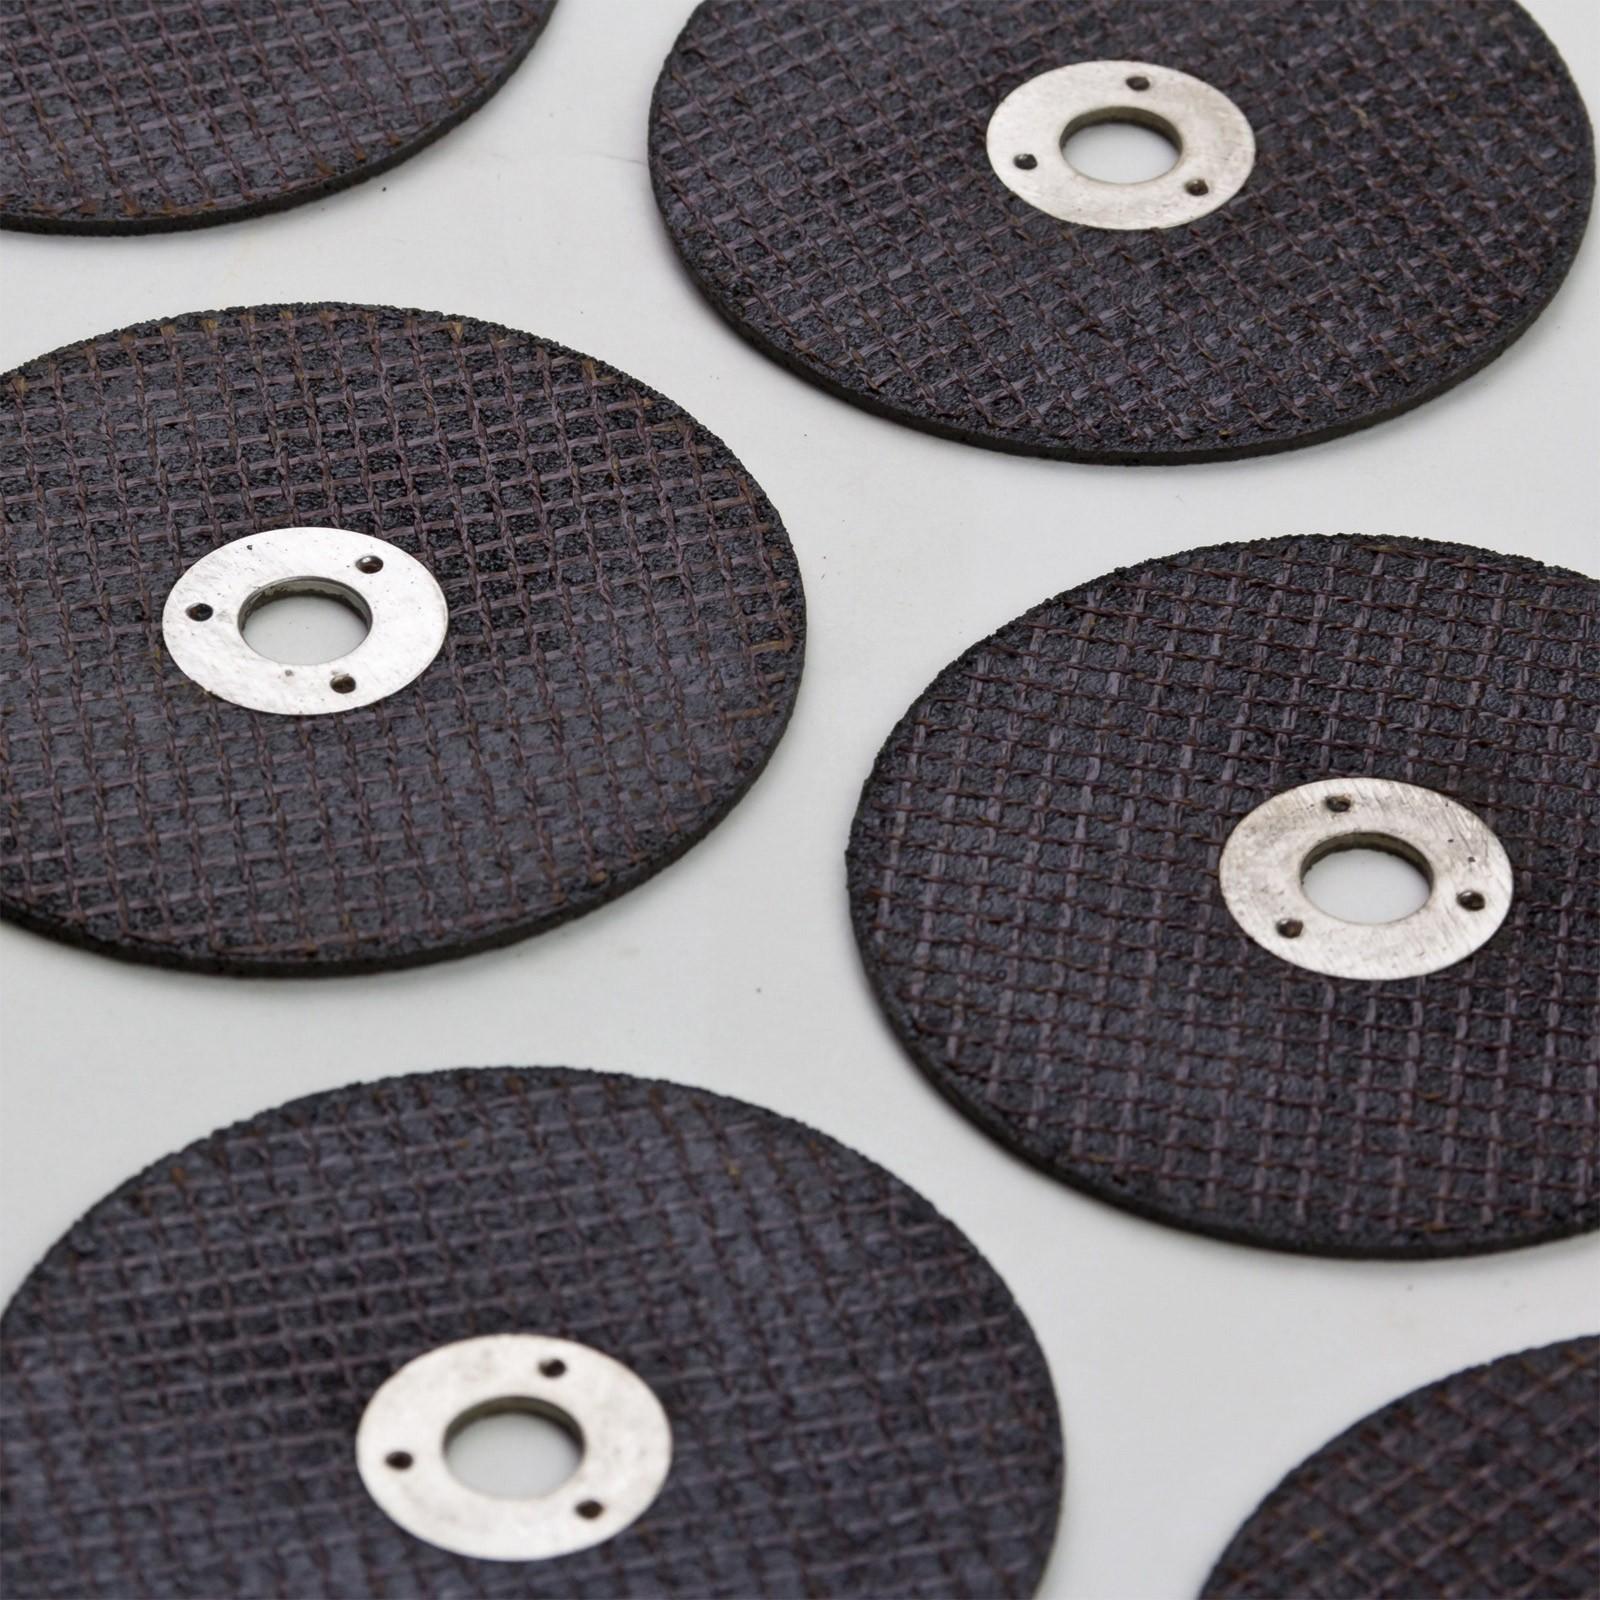 trennscheiben set 75mm 10 teilig trennscheibe trennscheiben ebay. Black Bedroom Furniture Sets. Home Design Ideas